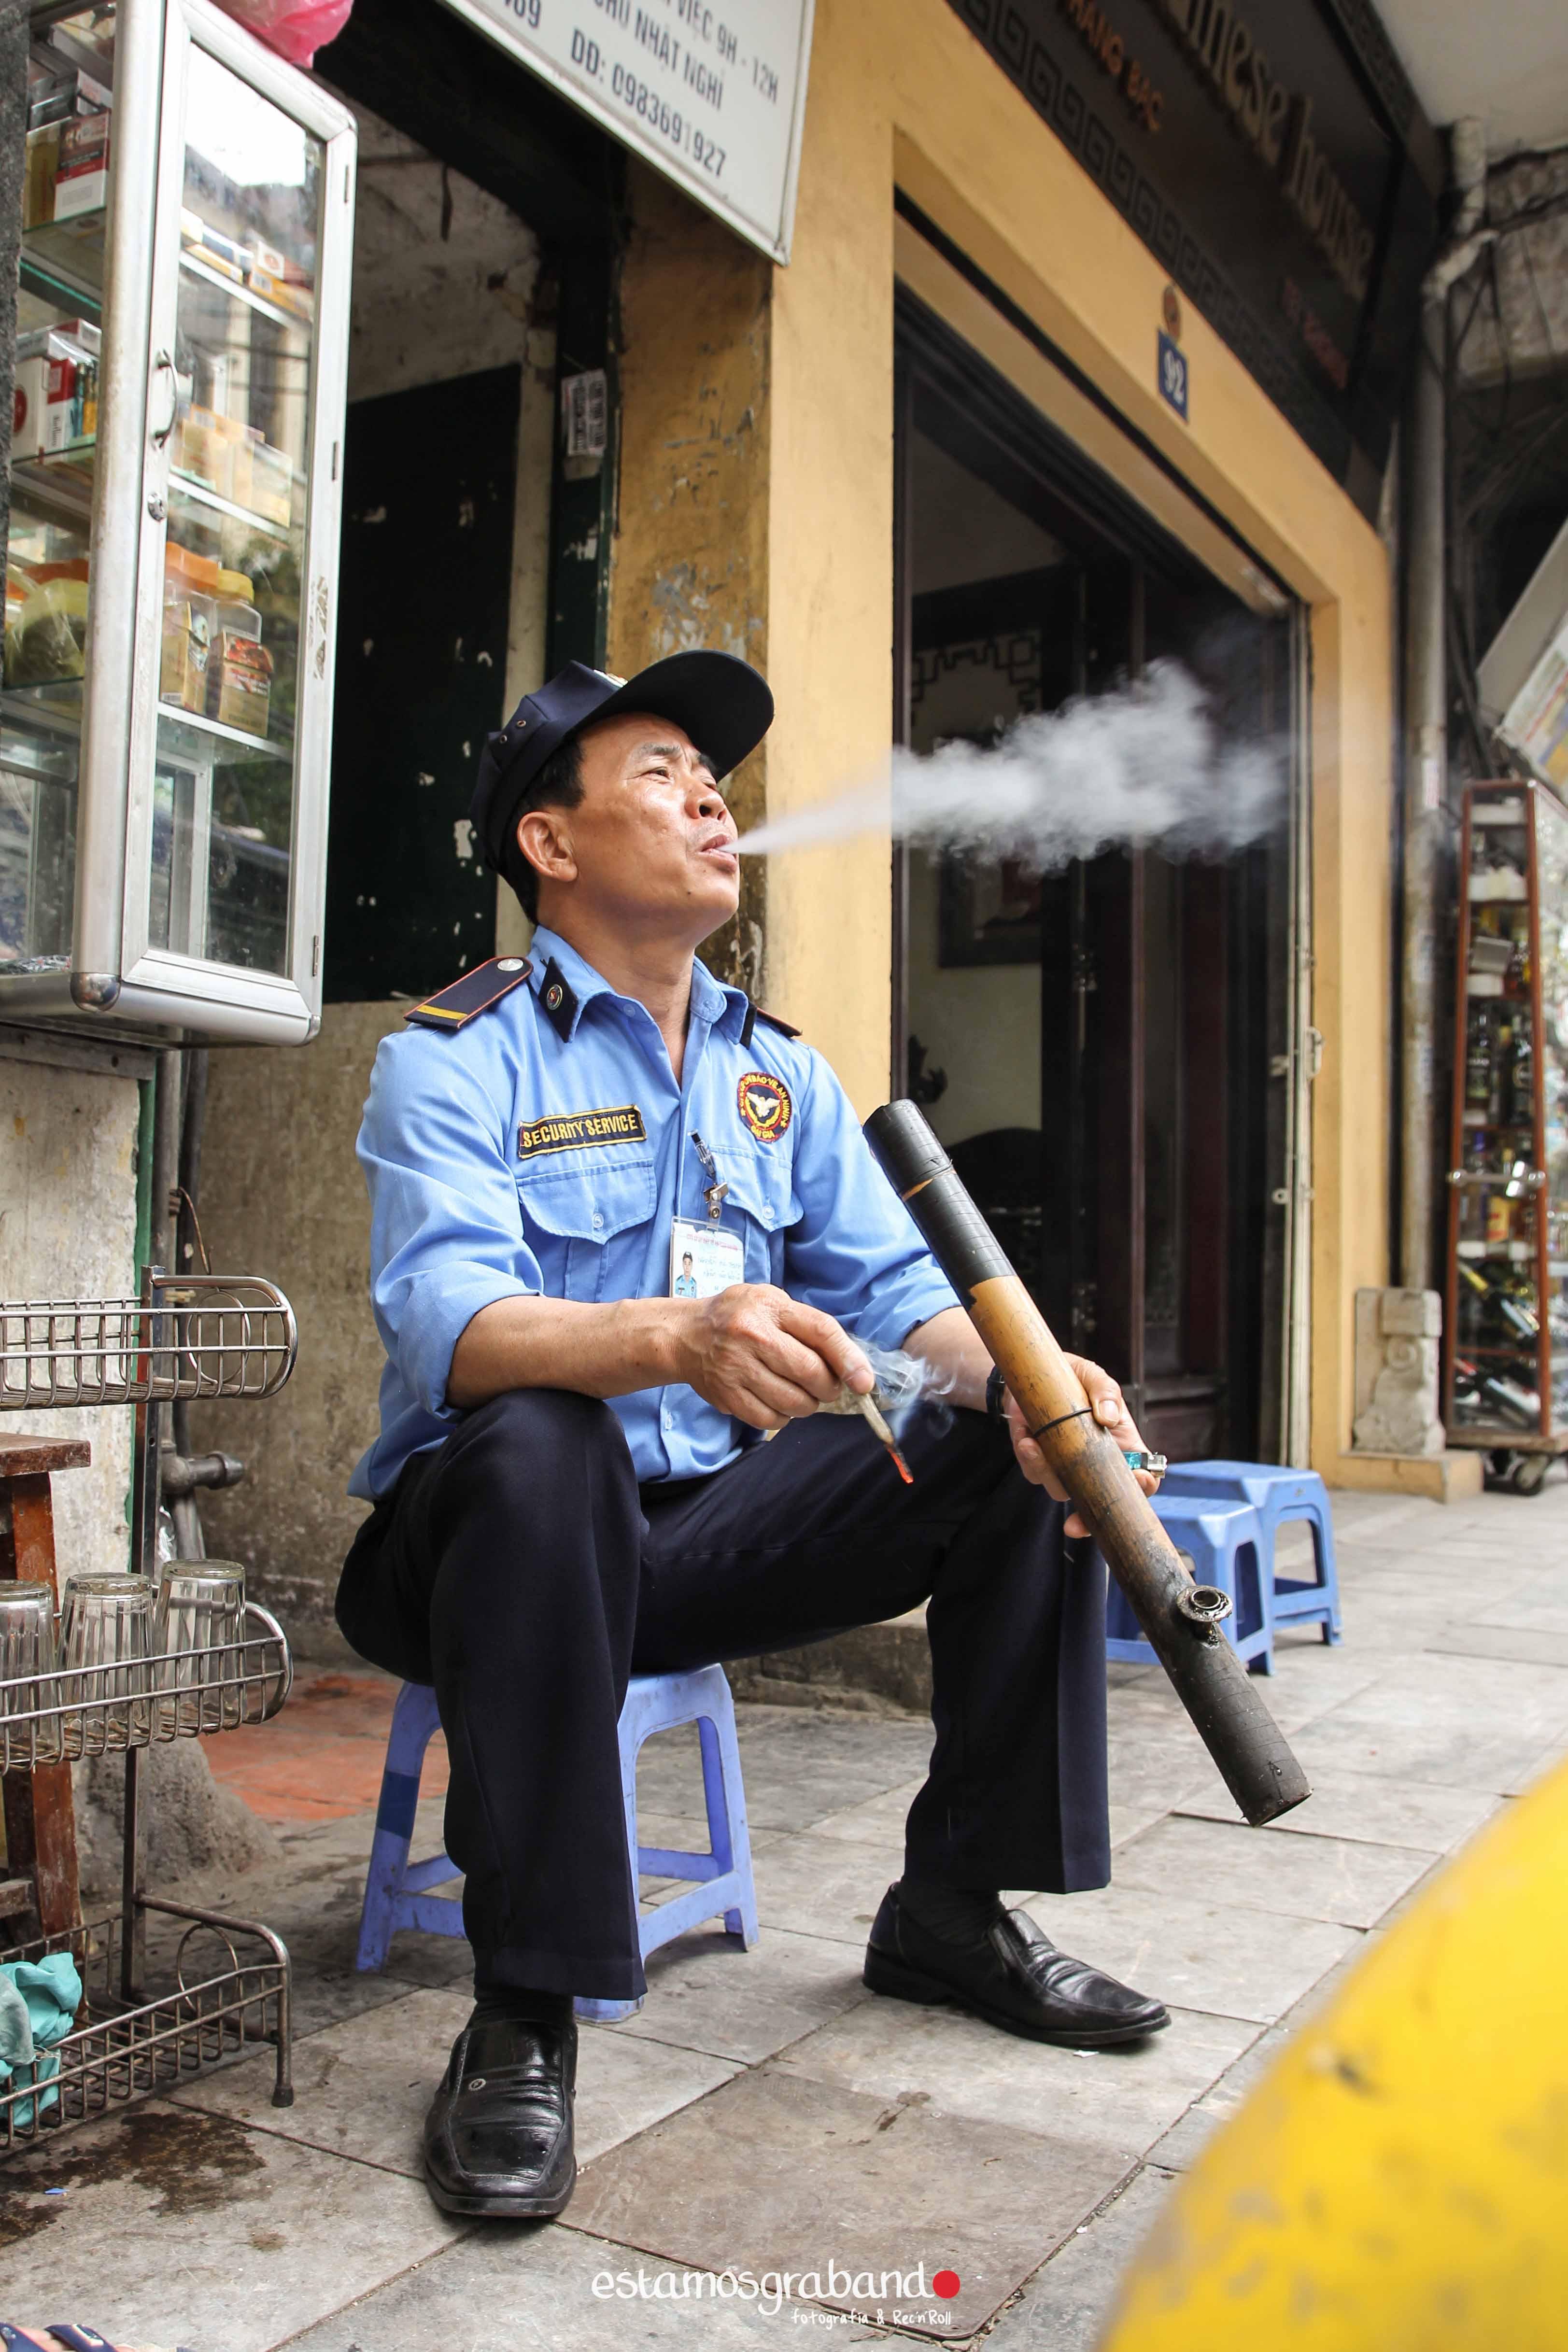 reportaje-vietnam_fotograficc81a-vietnam_estamosgrabando-vietnam_rutasvietnam_reportaje-retratos-fotos-vietnam_fotografia-vietnam_reportaje-estamosgrabando-fotograficc81a-vietnam-83 Pequeños grandes recuerdos de Vietnam en 100 imágenes - video boda cadiz